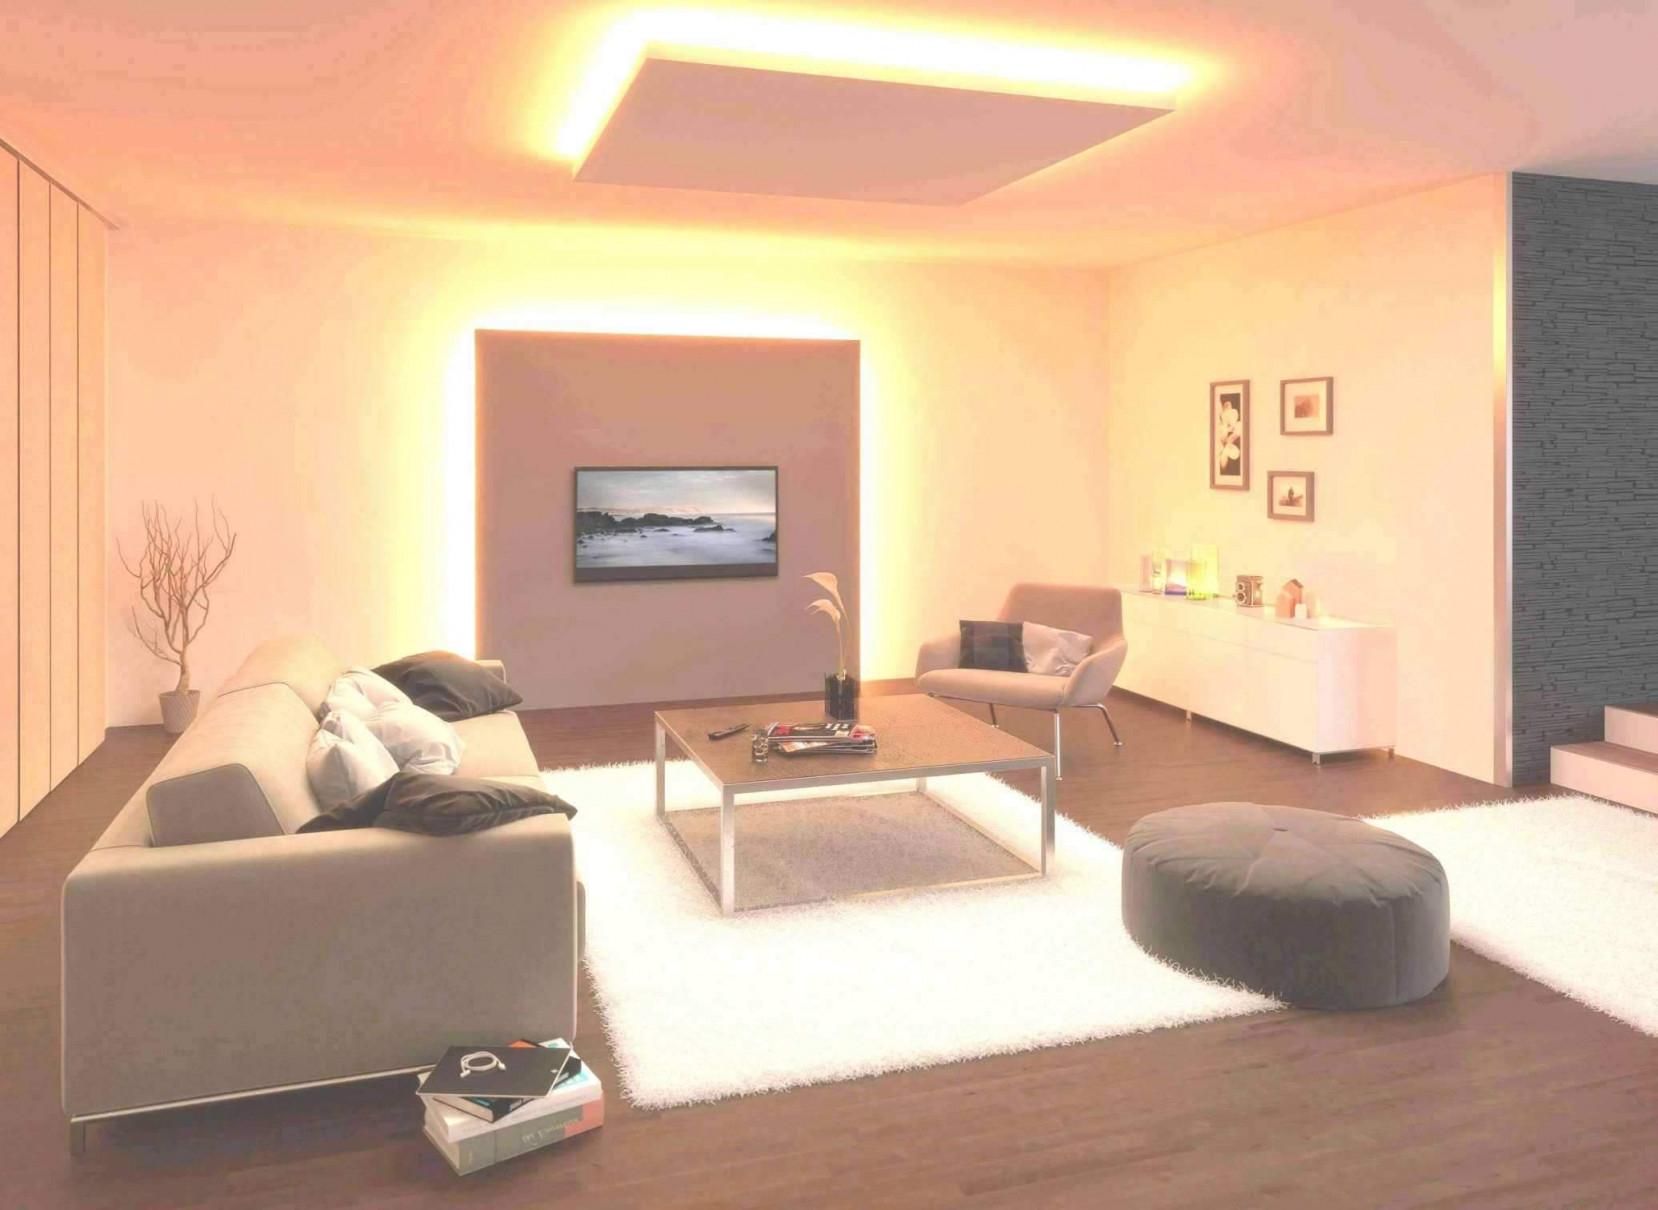 Wohnzimmer Licht Dimmbar – Caseconrad von Wohnzimmer Deckenleuchte Dimmbar Bild